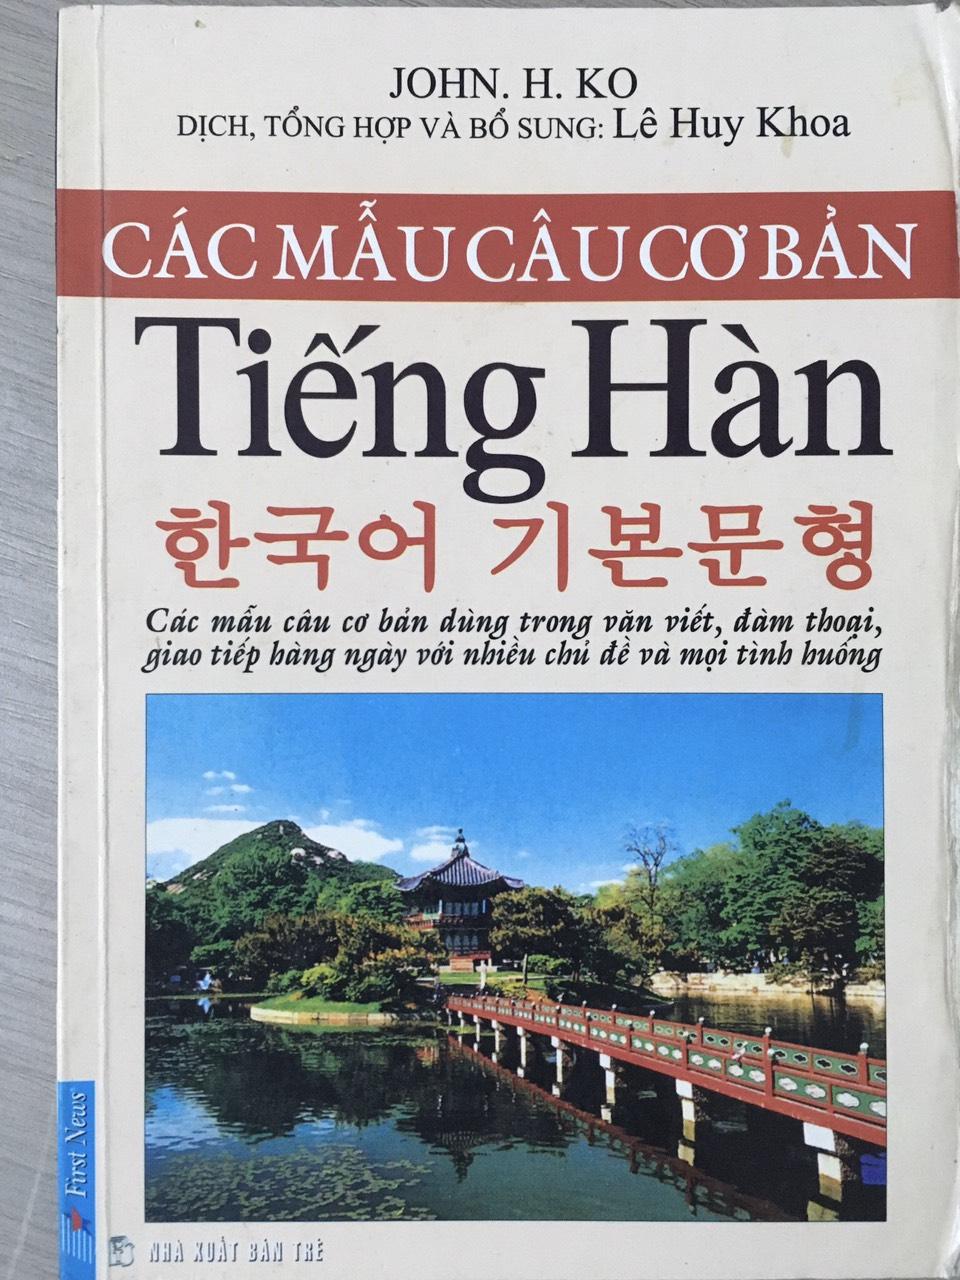 Các mẫu câu cơ bản tiếng Hàn - Lê Huy Khoa dịch, tổng hợp, bổ sung